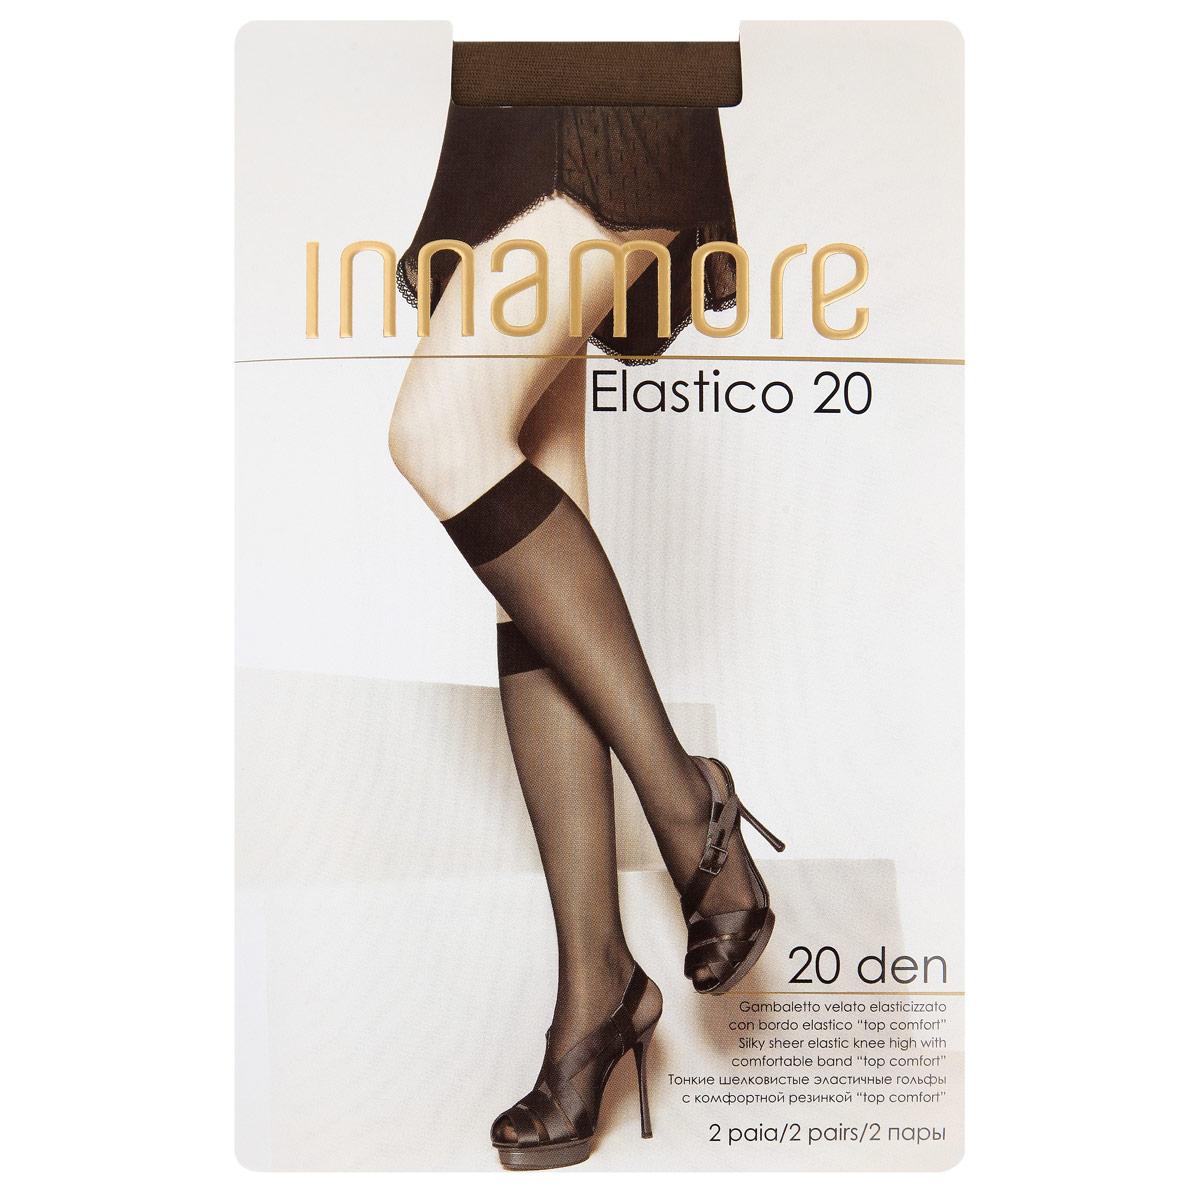 Гольфы женские Innamore Elastico 20, цвет: Daino (темно-коричневый), 2 пары. Размер универсальныйElastico 20 lycraТонкие шелковистые эластичные гольфы плотностью 20 ден, с комфортной резинкой Top comfort и прозрачным укрепленным мыском.